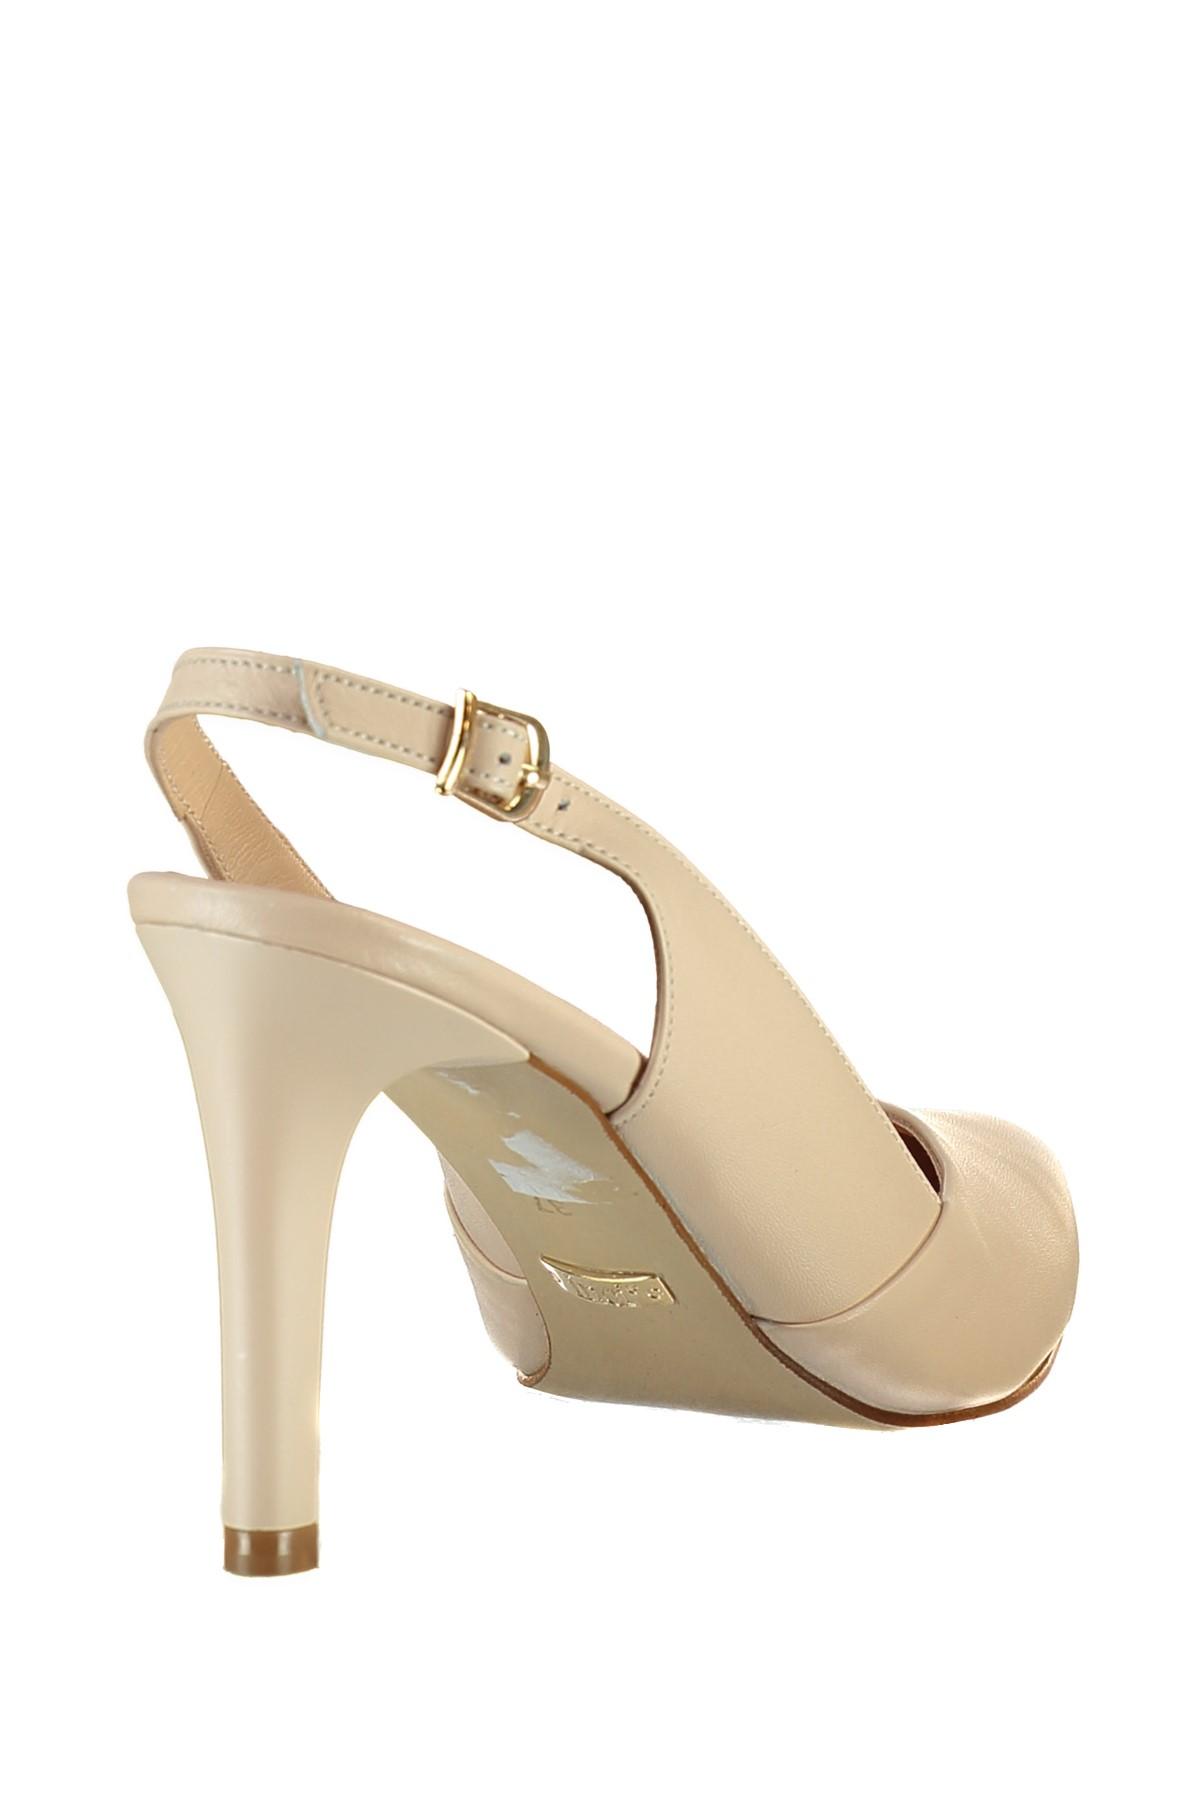 İnci Hakiki Deri Pembe Kadın Topuklu Ayakkabı 120120401010 2